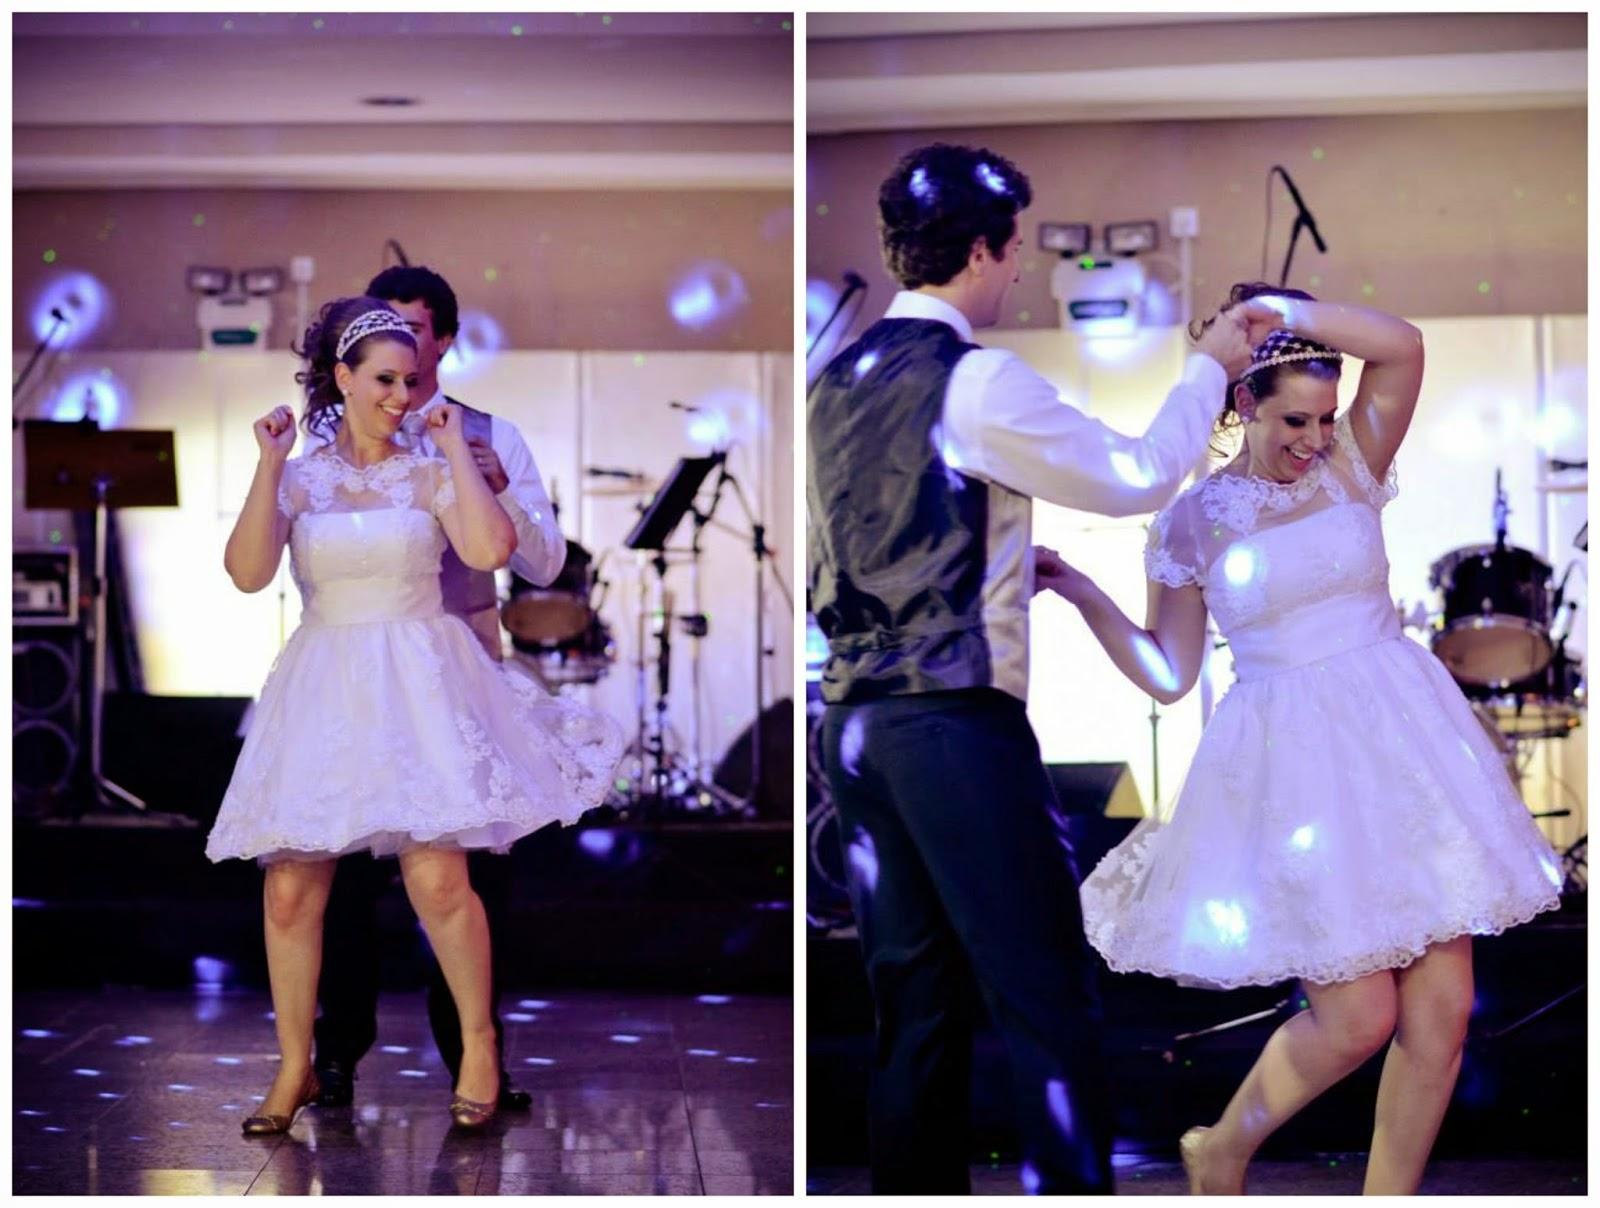 festa-noivos-primeira-danca-1